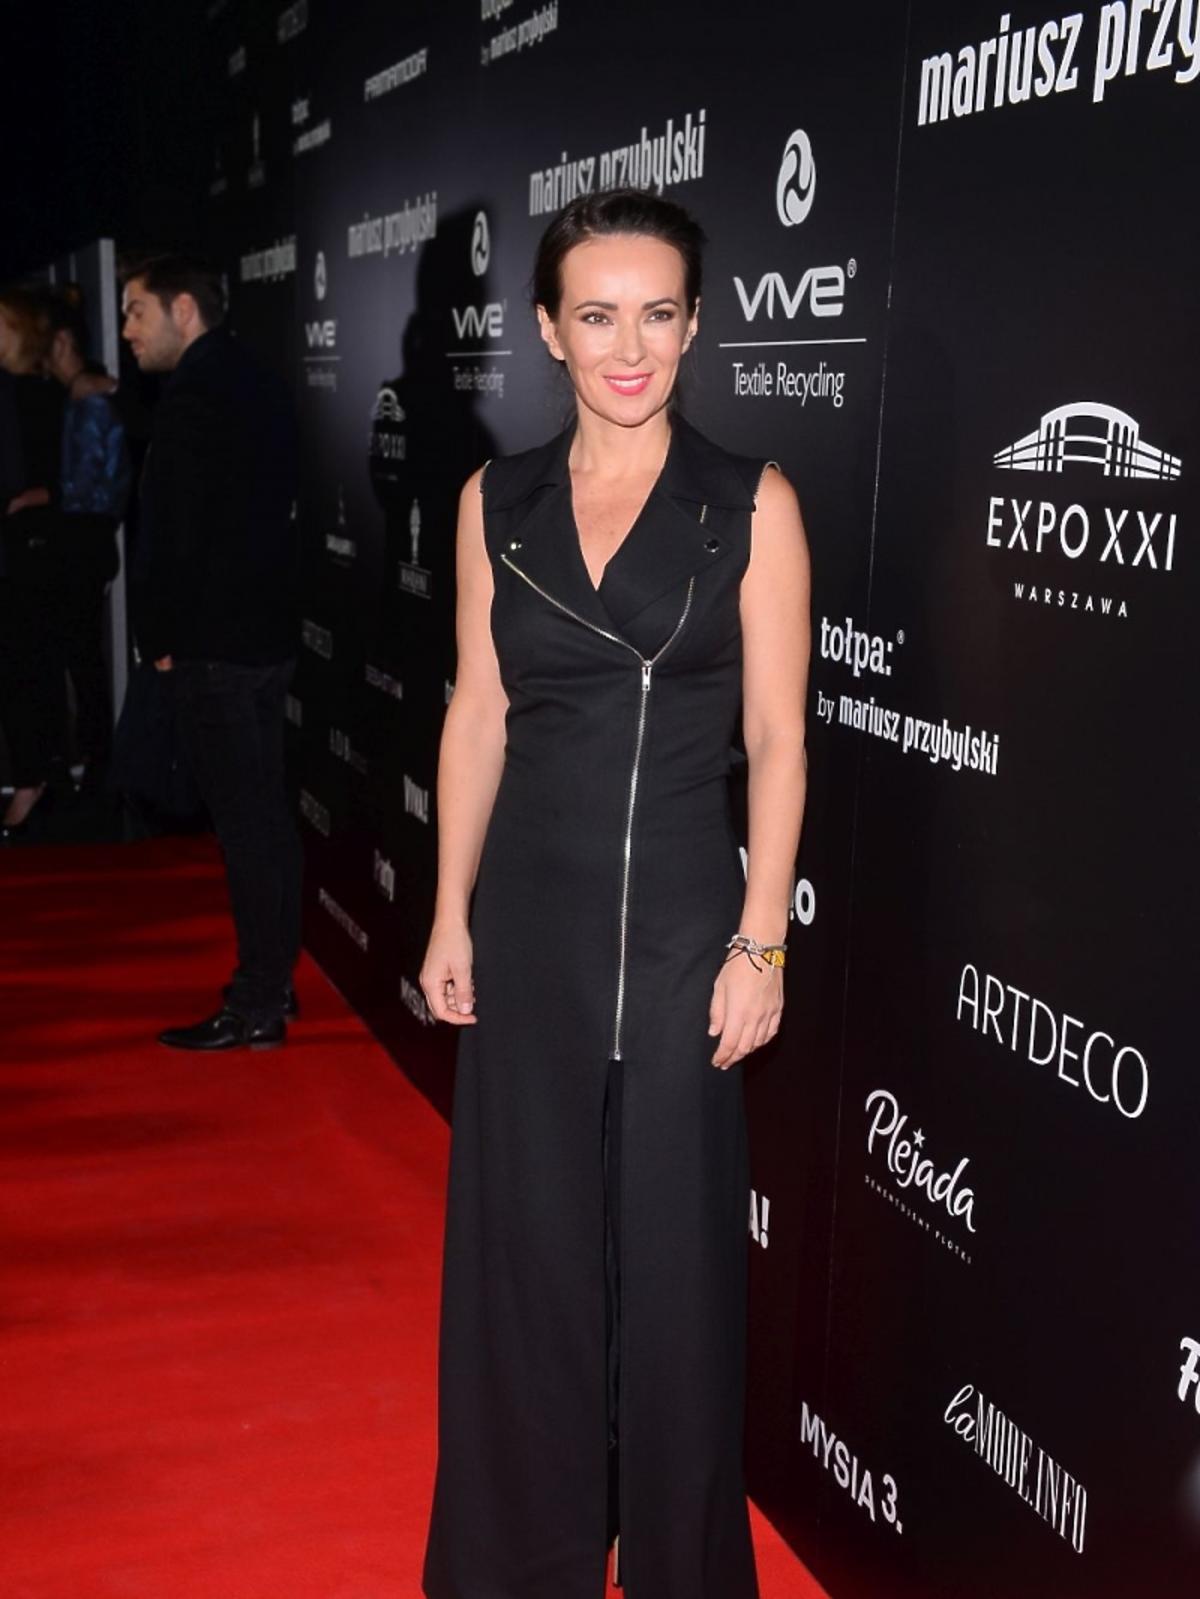 Kasia Kowalska w czarnej sukni z zamkiem